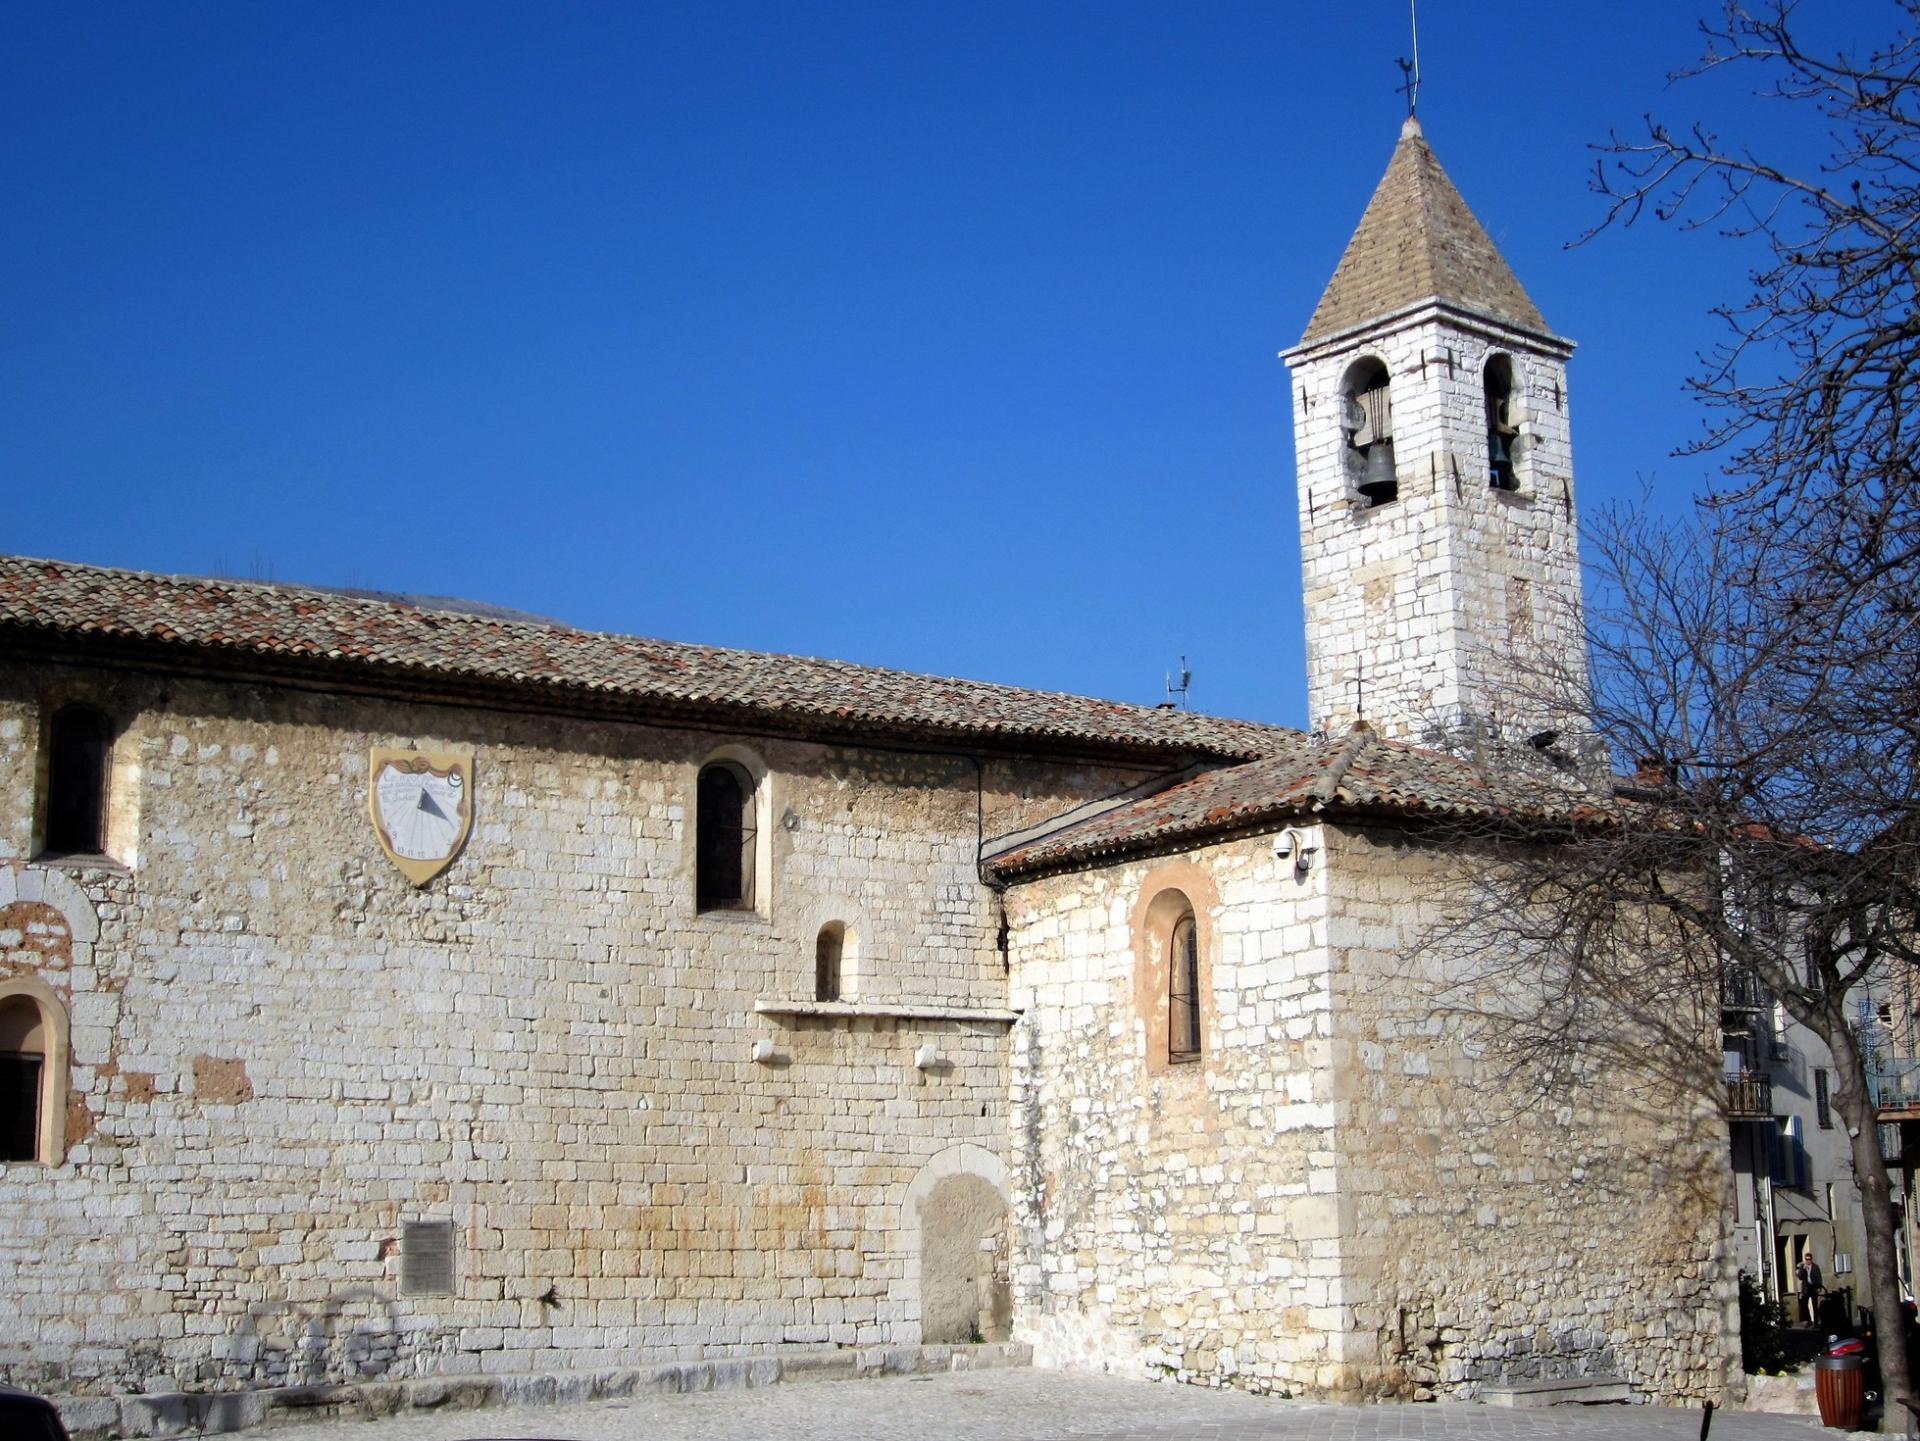 Bezoek Tourrettes-sur-Loup vanuit SINE TEMPORE VENCE